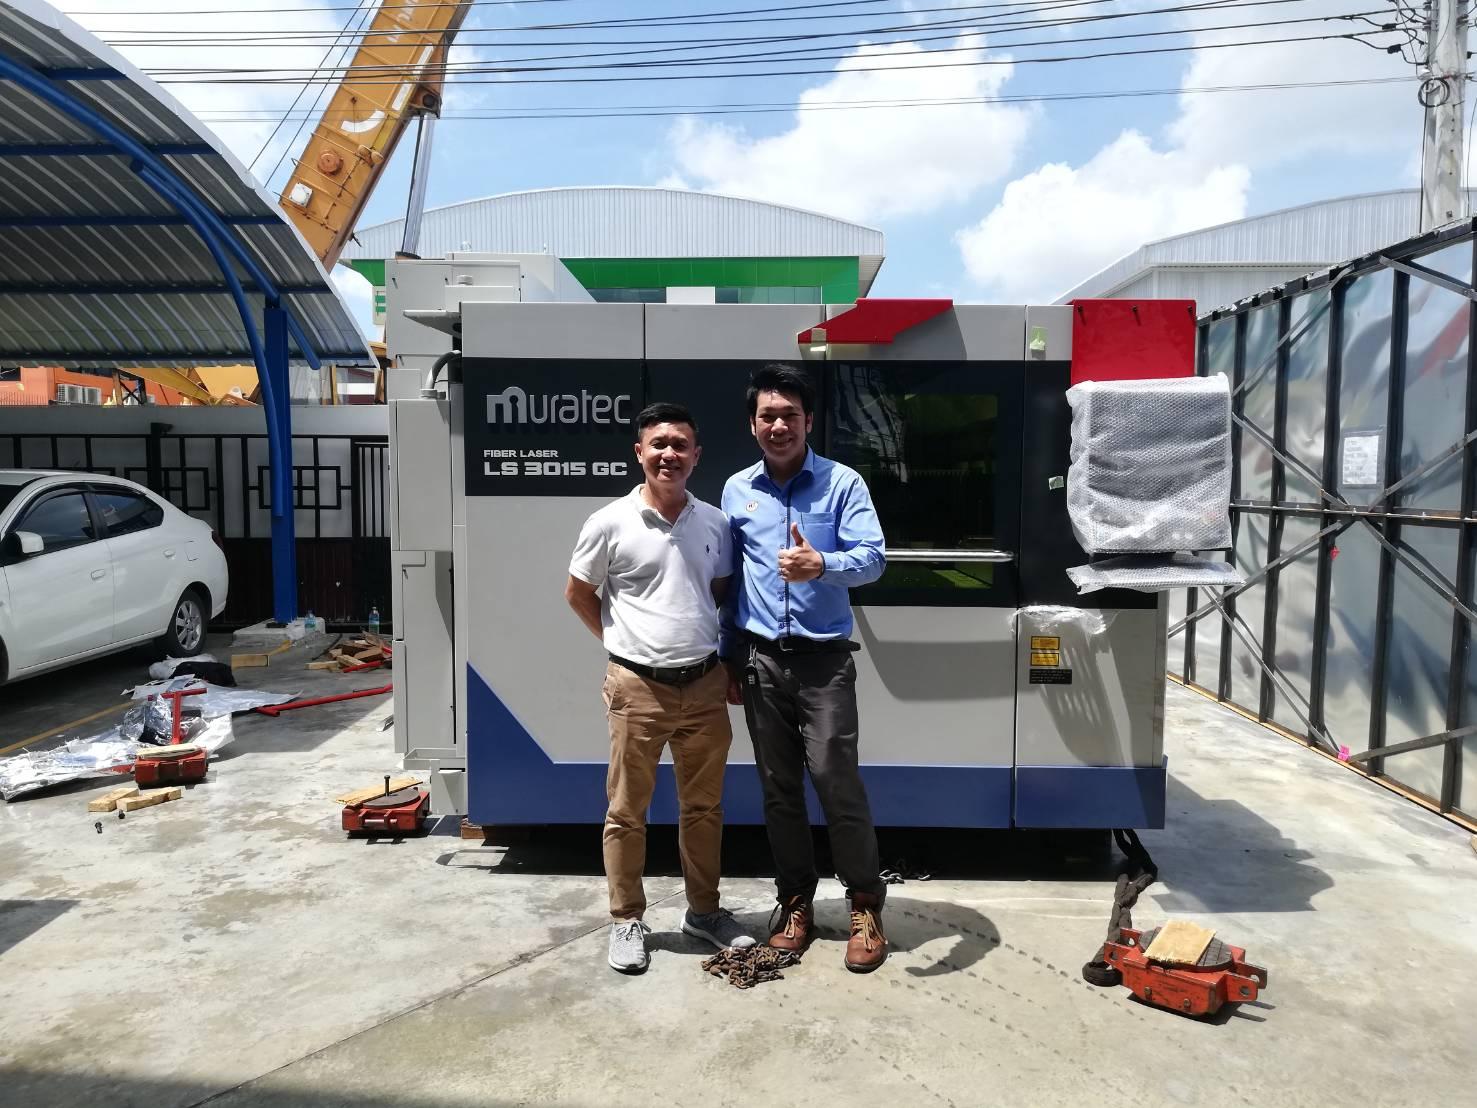 งานติดตั้งเครื่อง MURATA Fiber Laser LS 3015 GC @ ไทยคามาโย 21-5-61